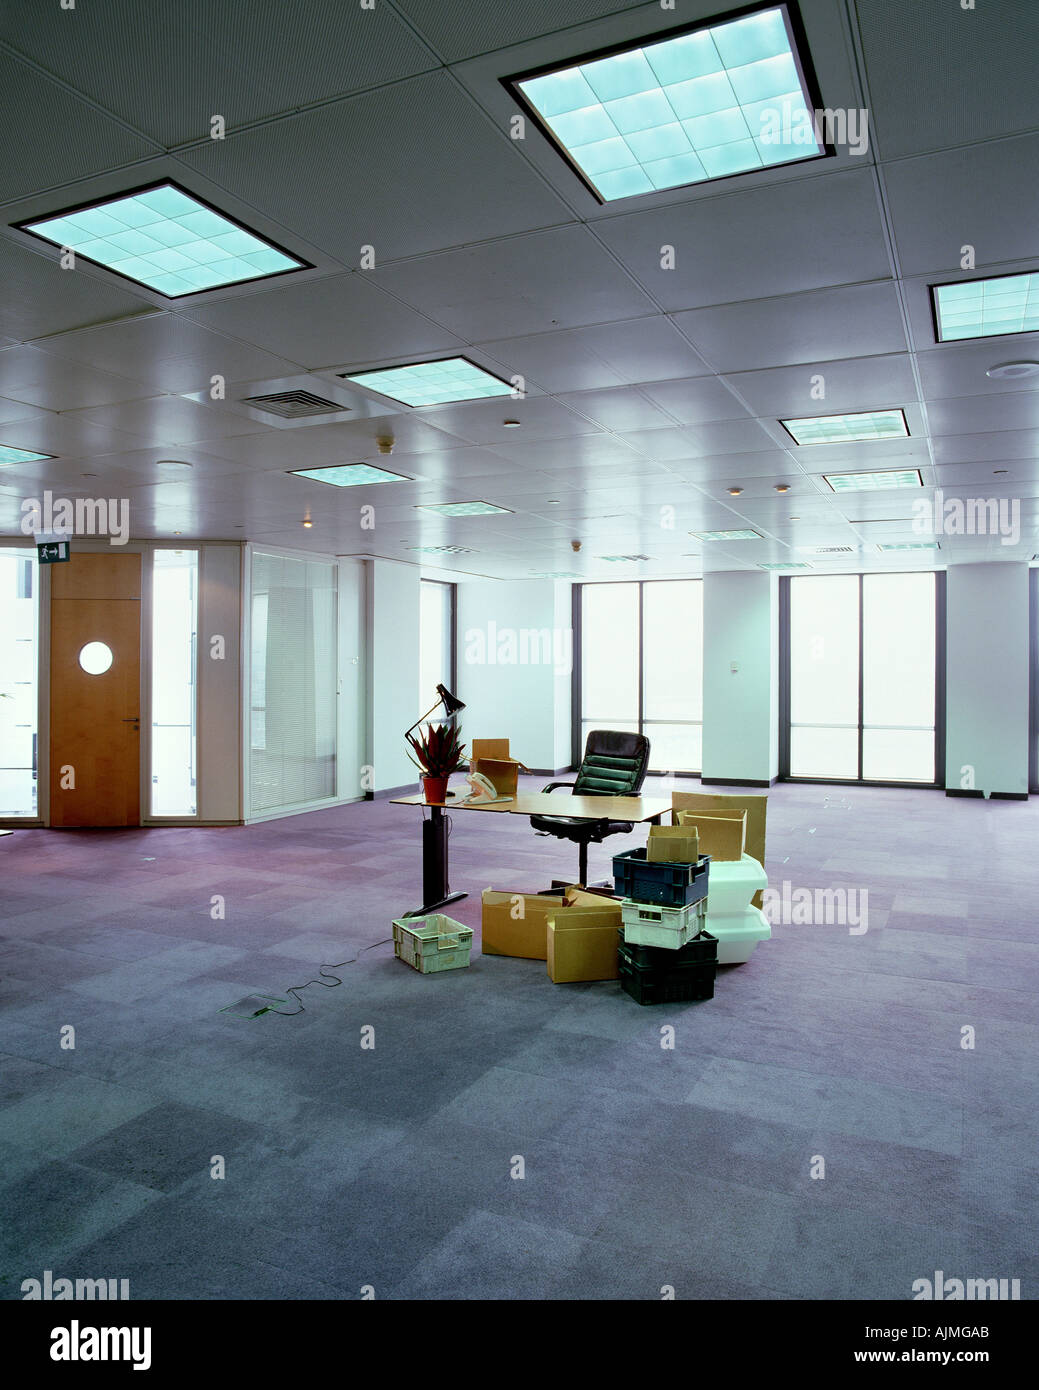 Bureau malpropre dans bureau vide Photo Stock